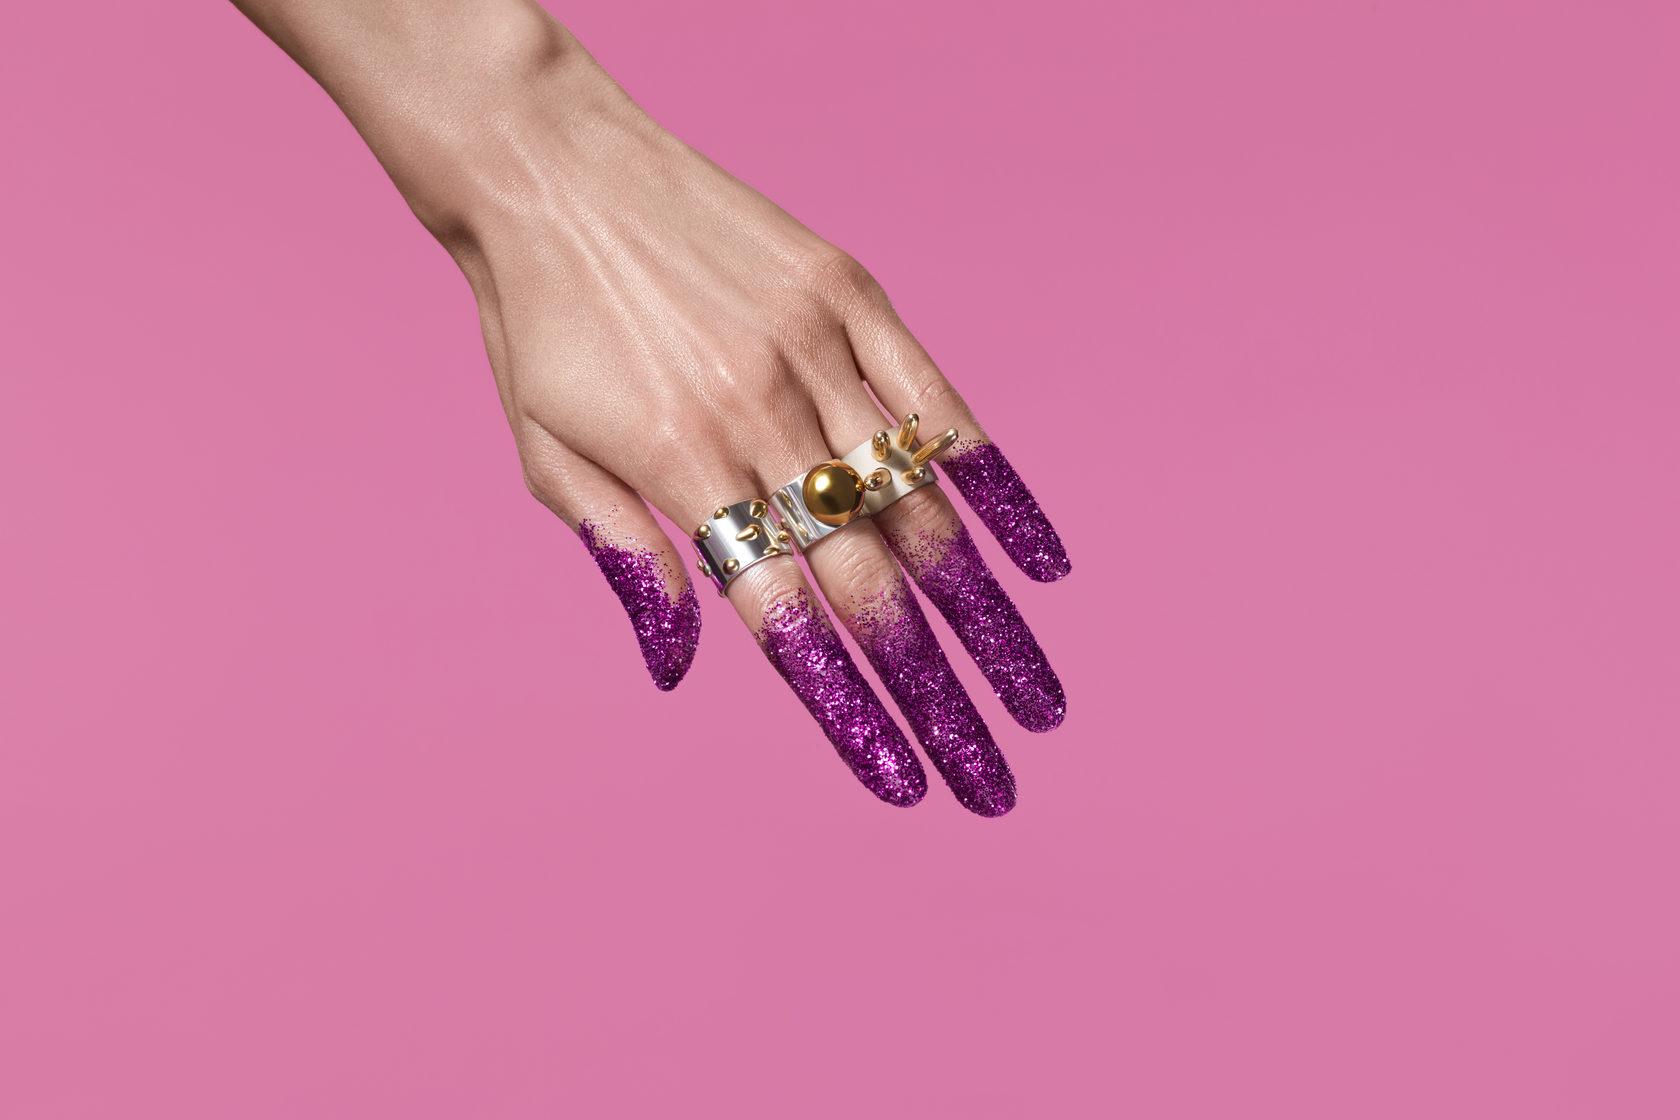 Серебреные и золотые кольца, индивидуальные кольца с золочением. Bubbles коллекция. Яркие весомые украшения.